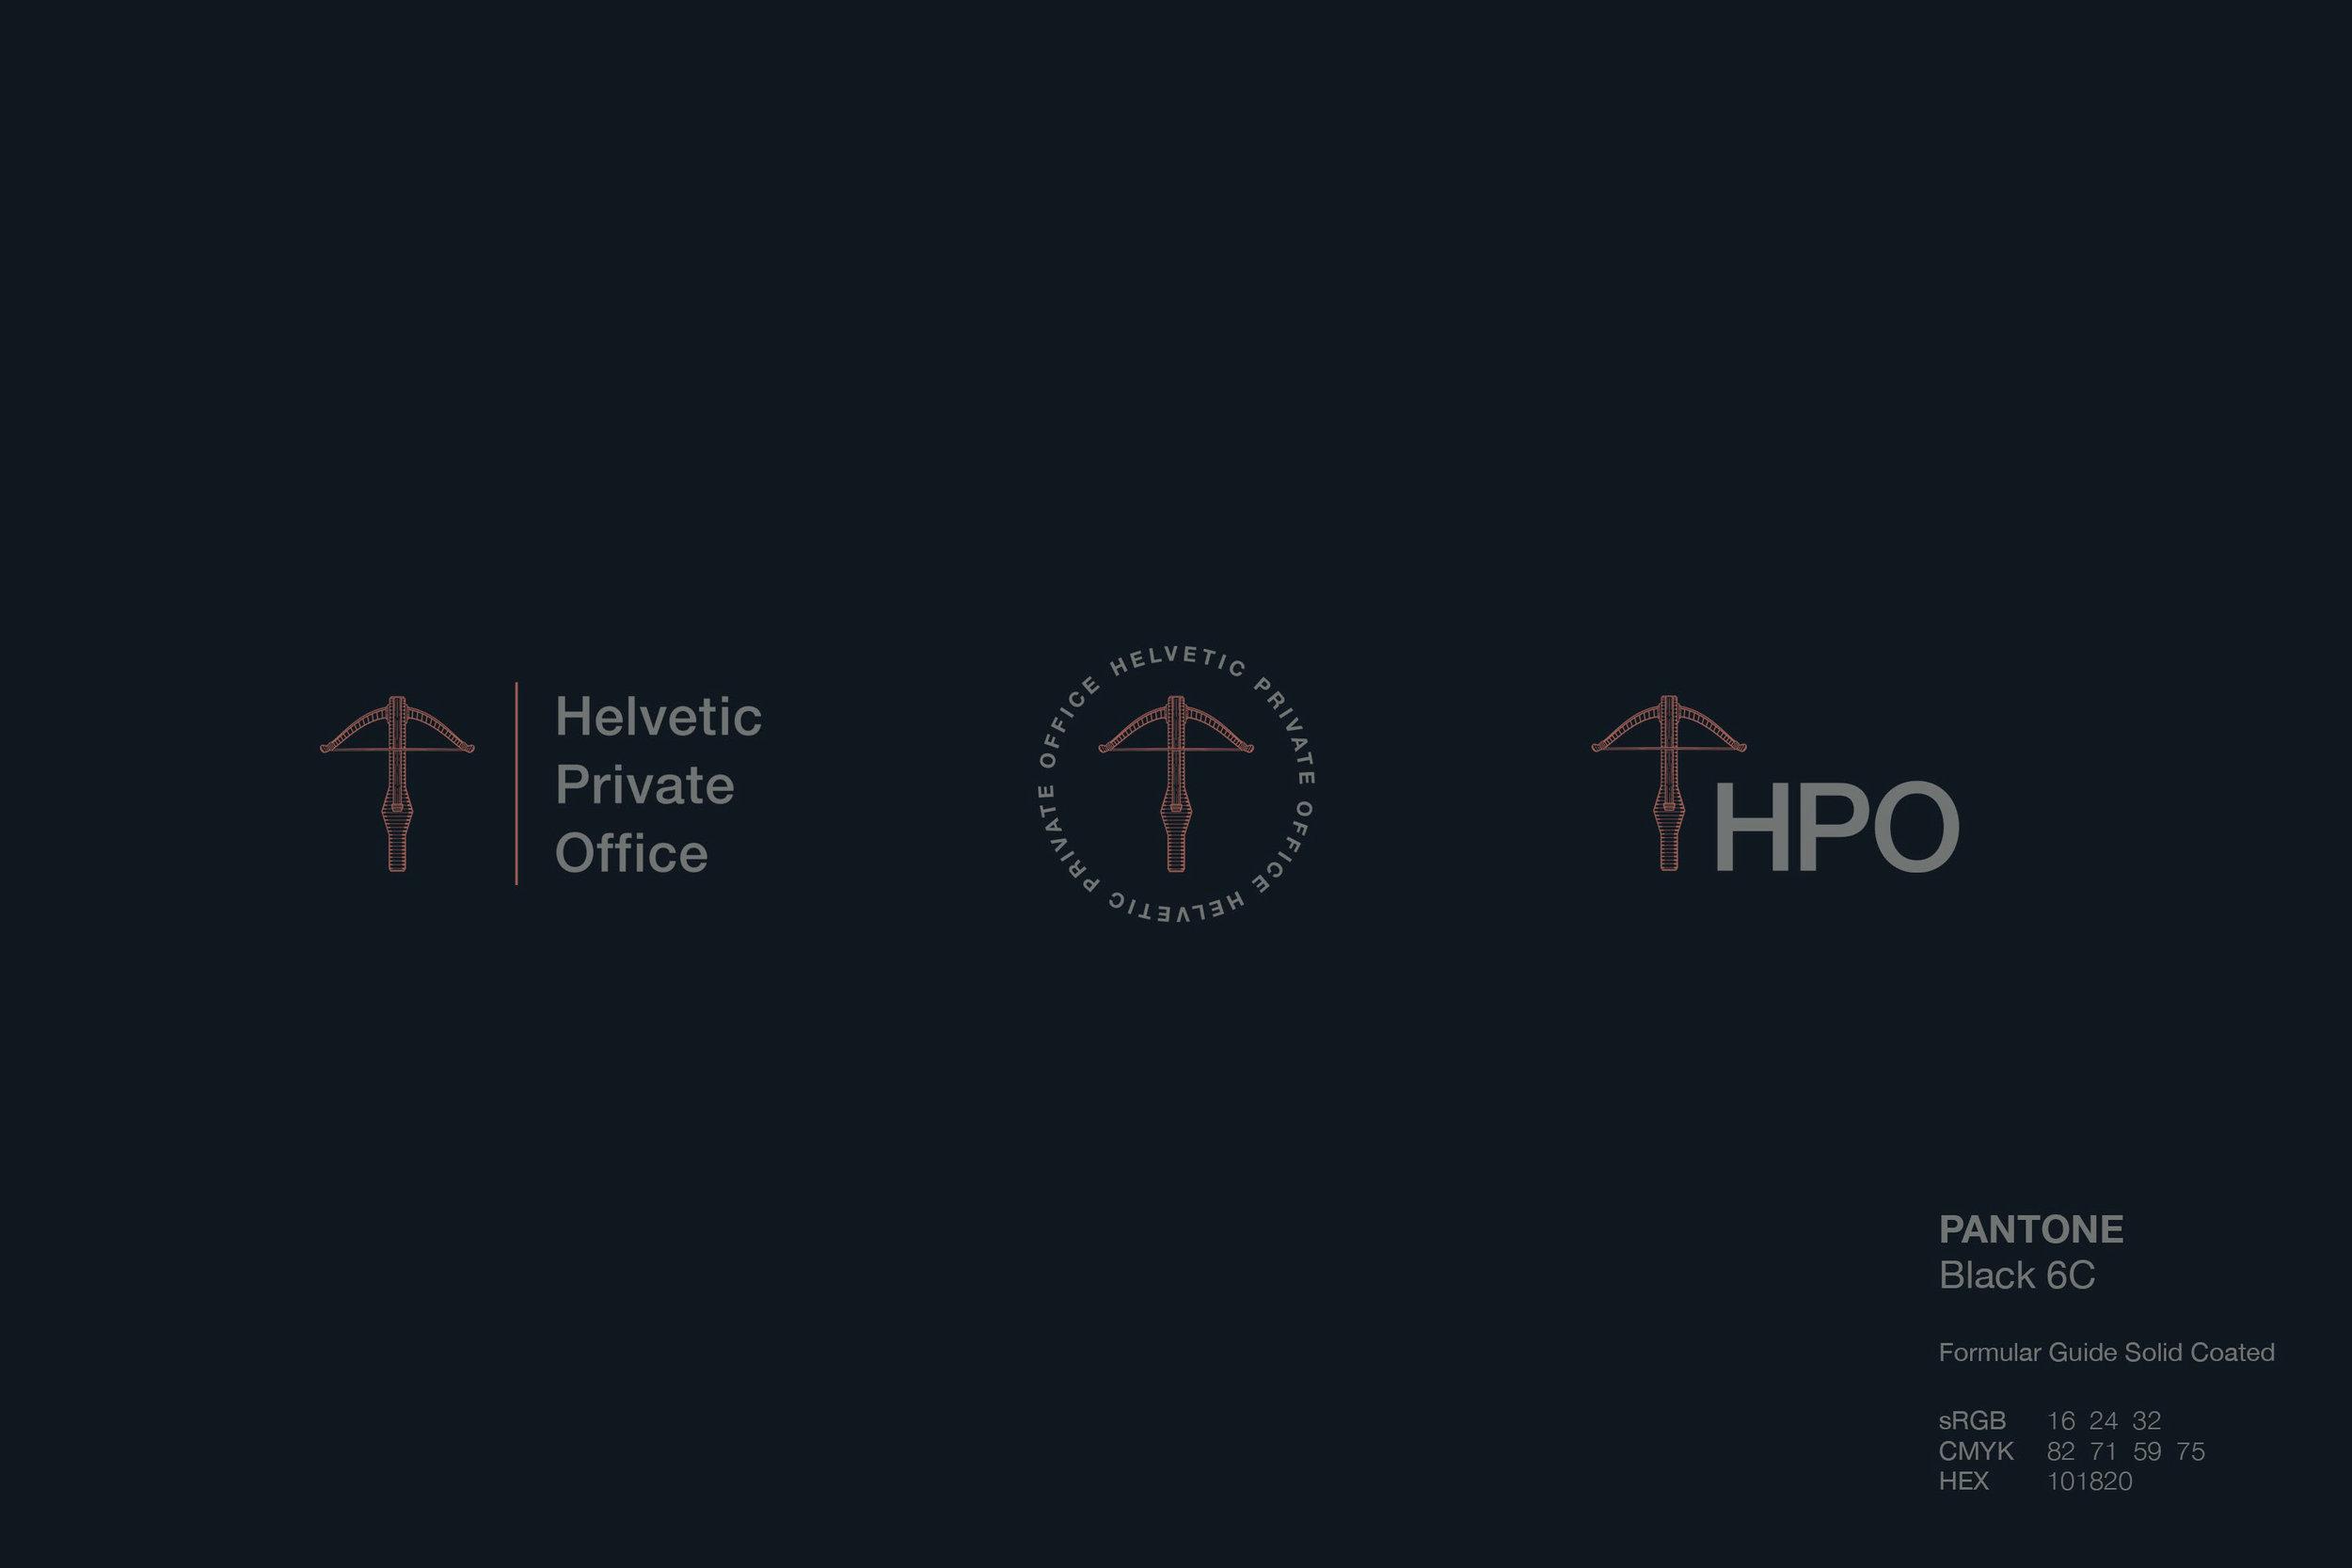 12.-hpo-identity-presentation.jpg